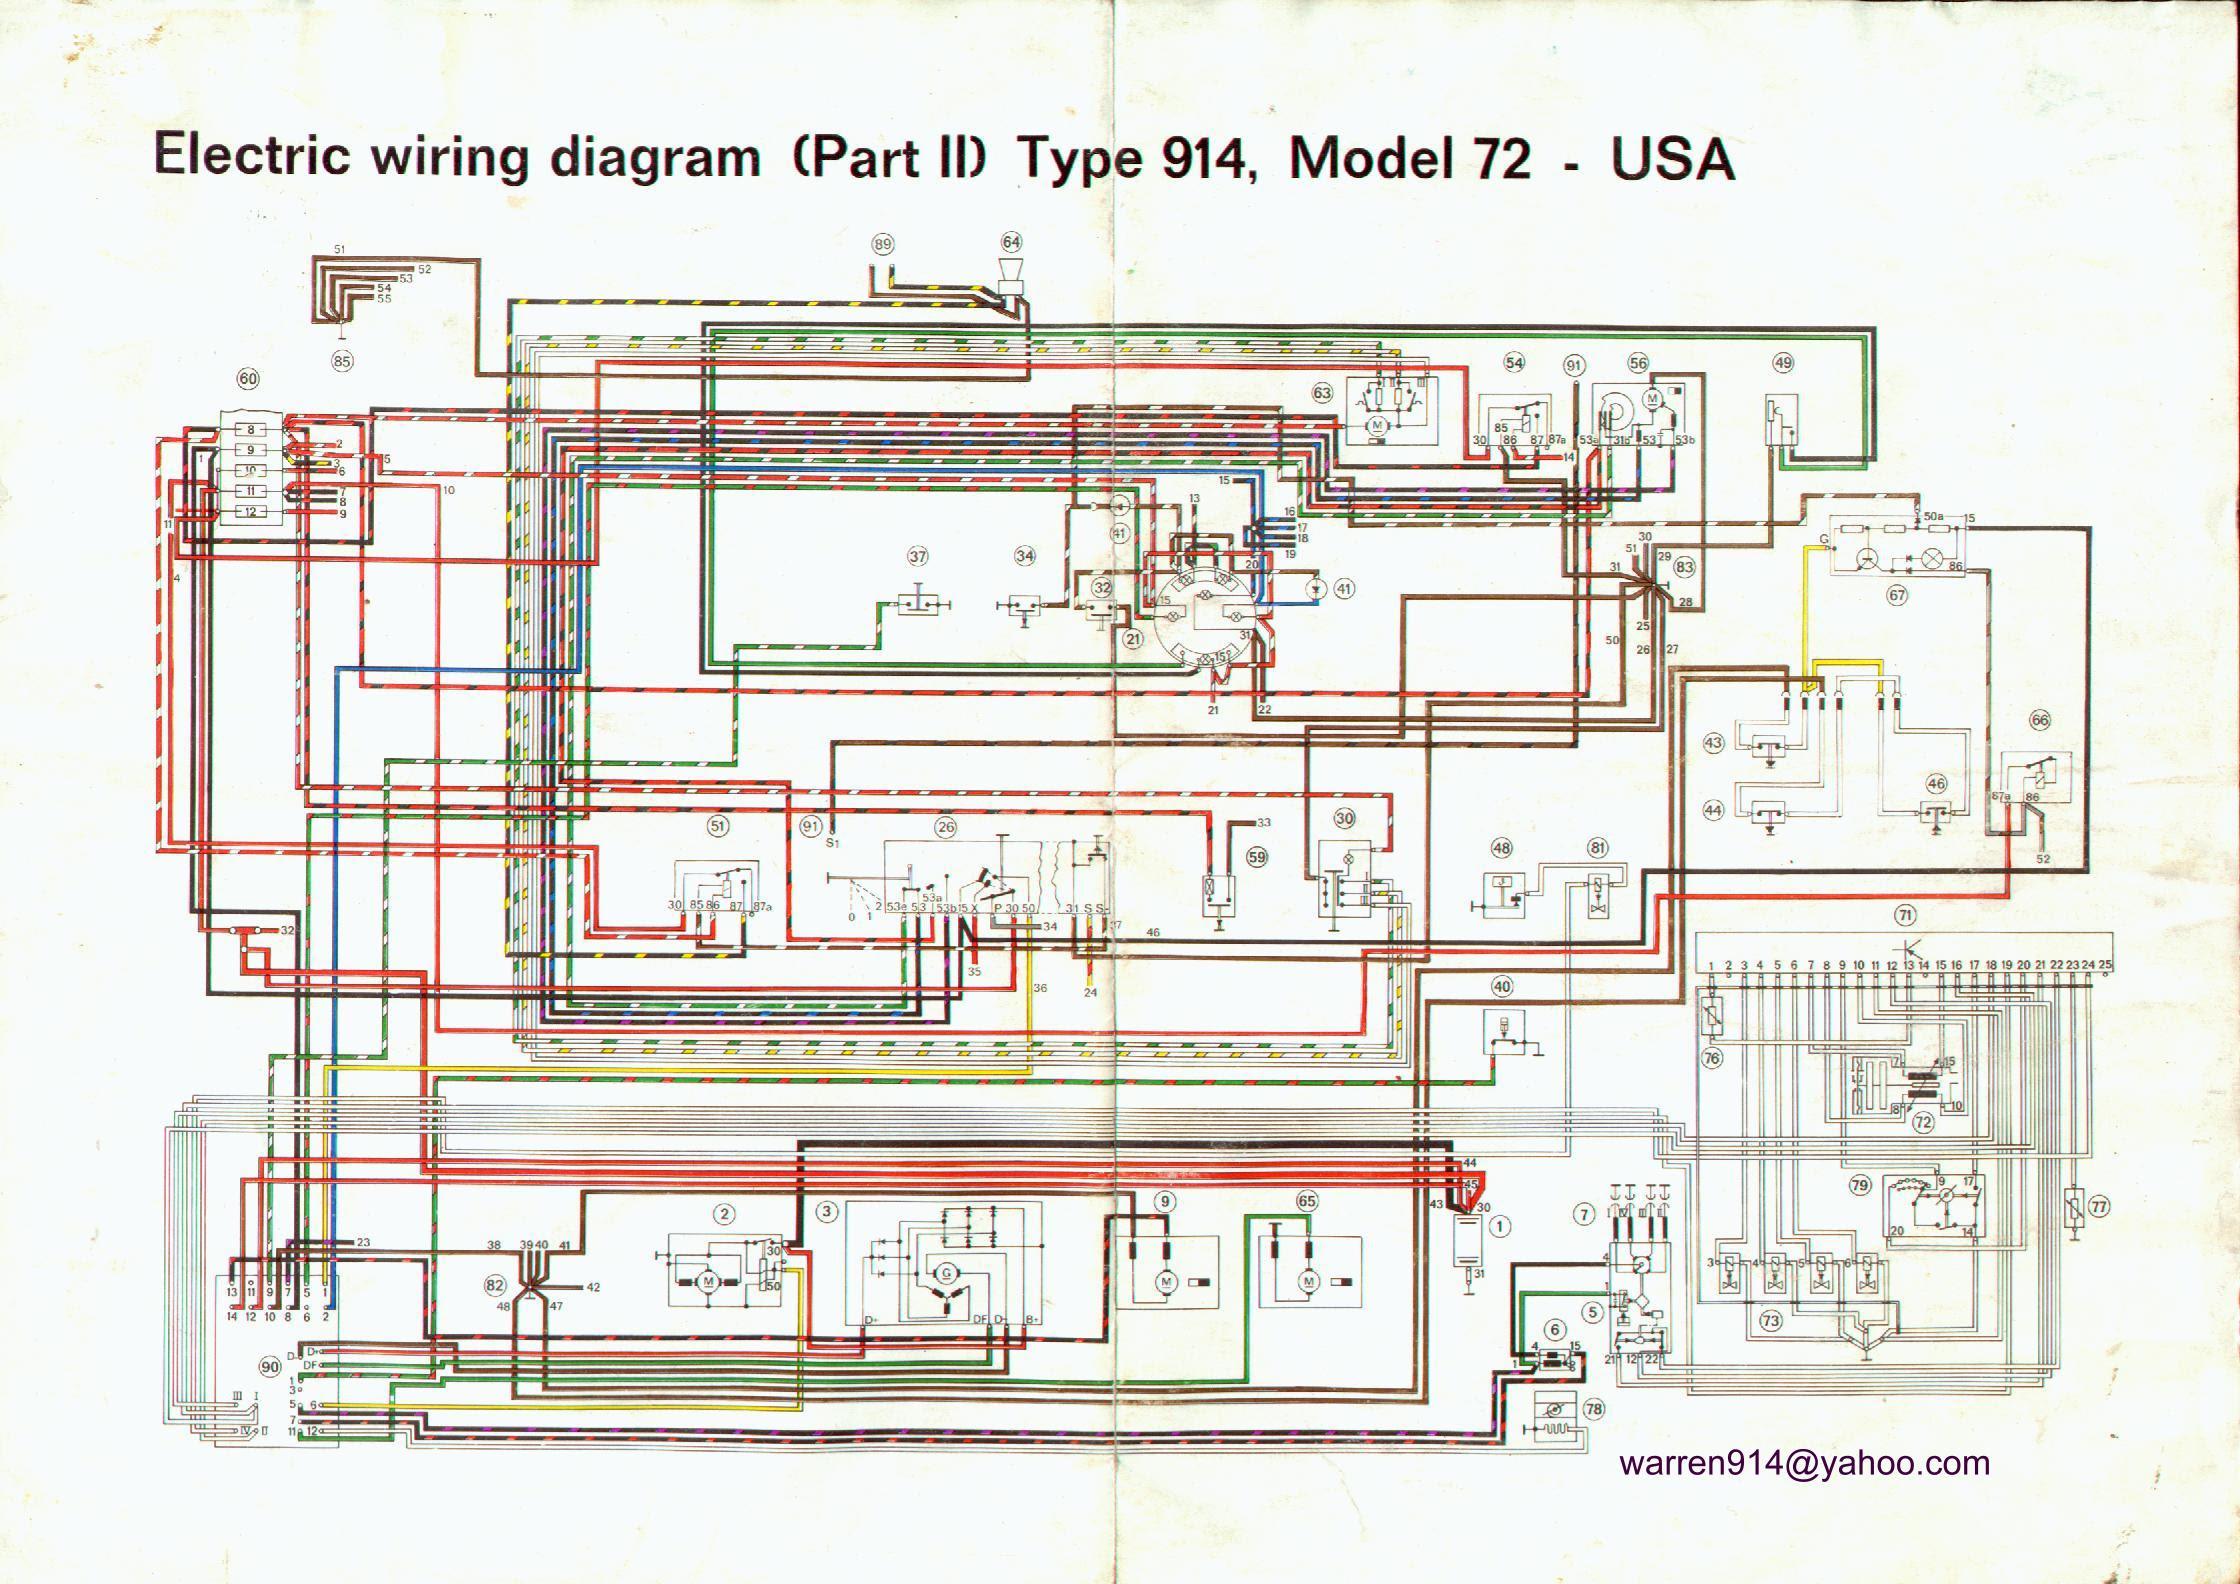 1967 Porsche 912 Wiring Diagram Full Hd Version Wiring Diagram Jackson Diagram Location2voitures Fr